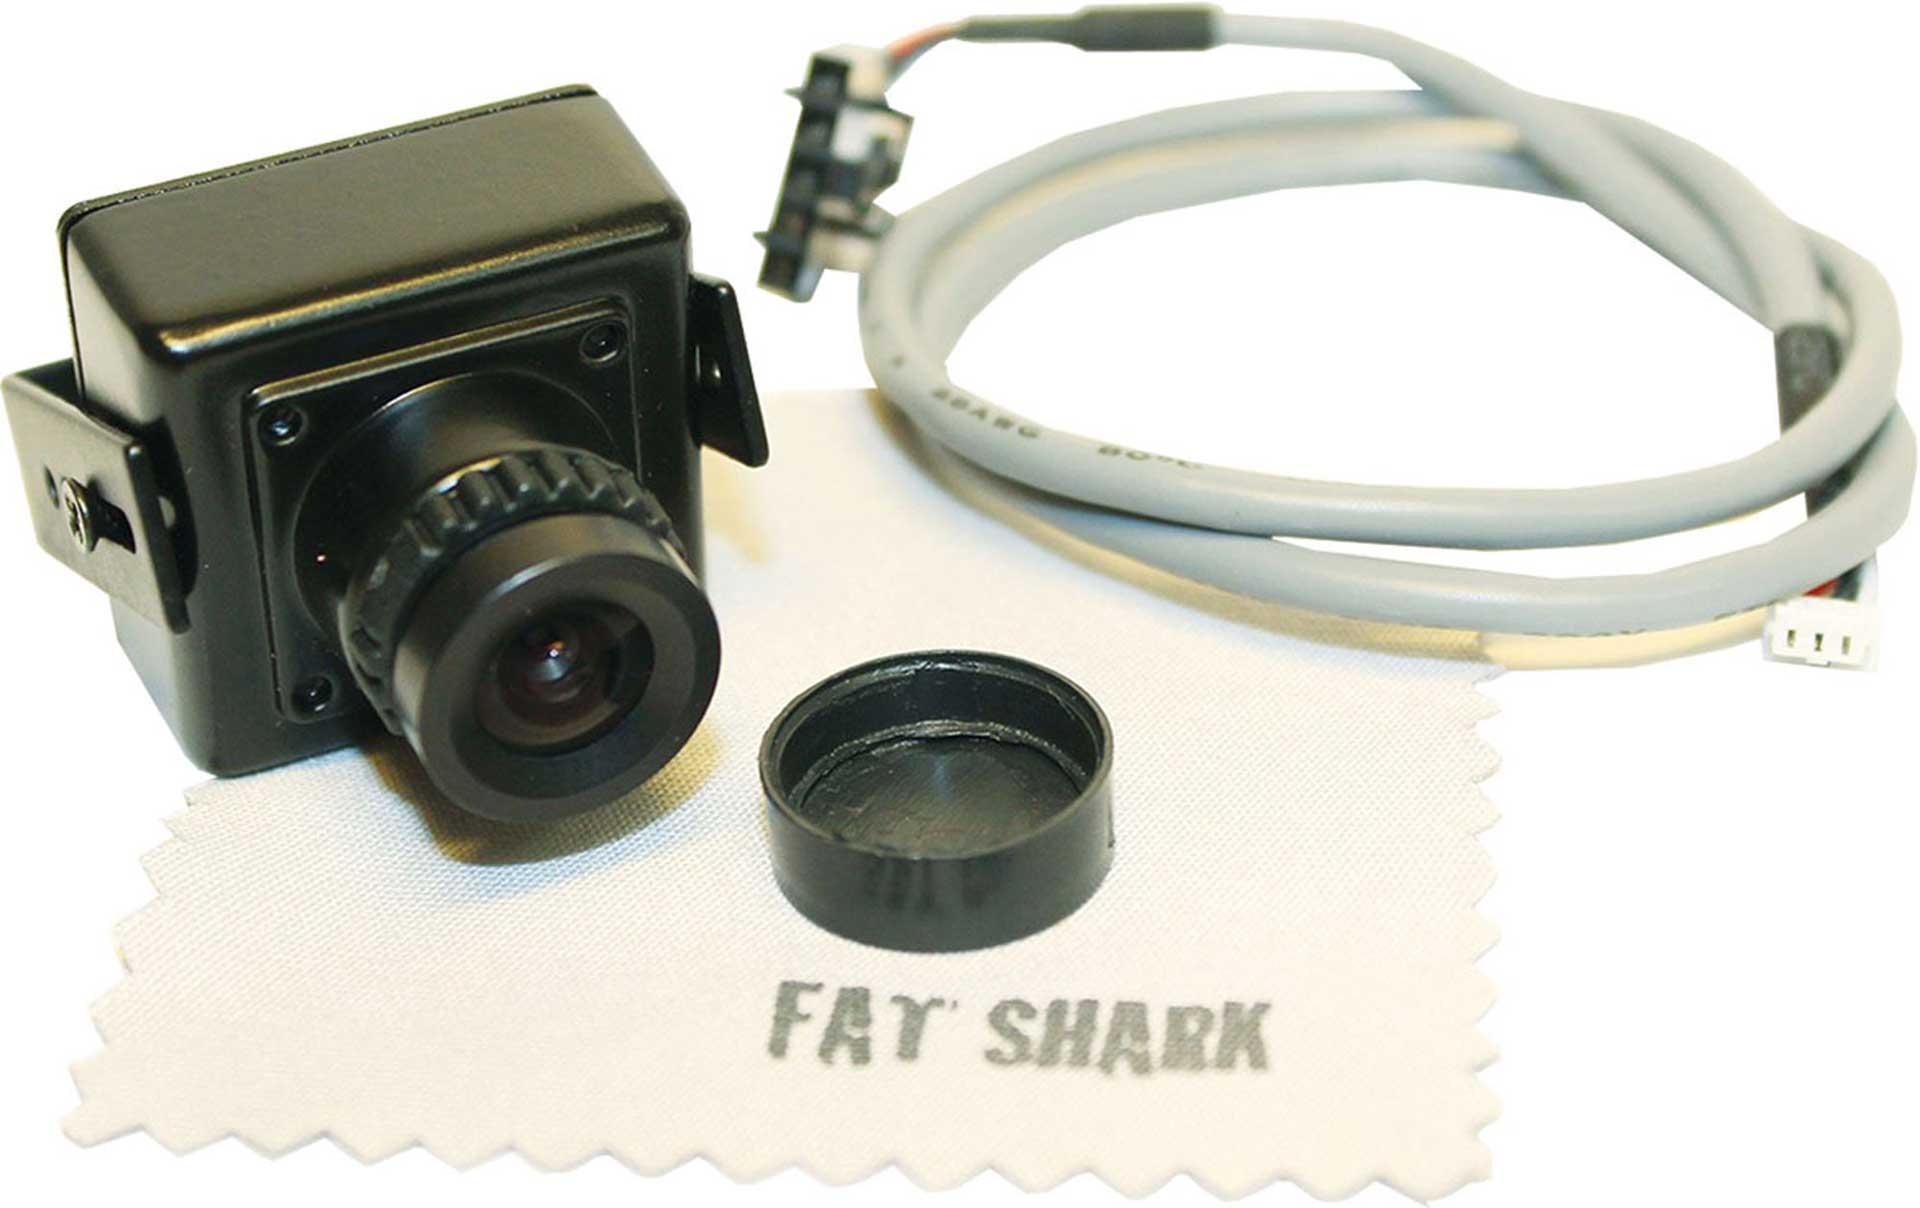 FAT SHARK FSV CCD 700TVL PAL FPV KAMERA